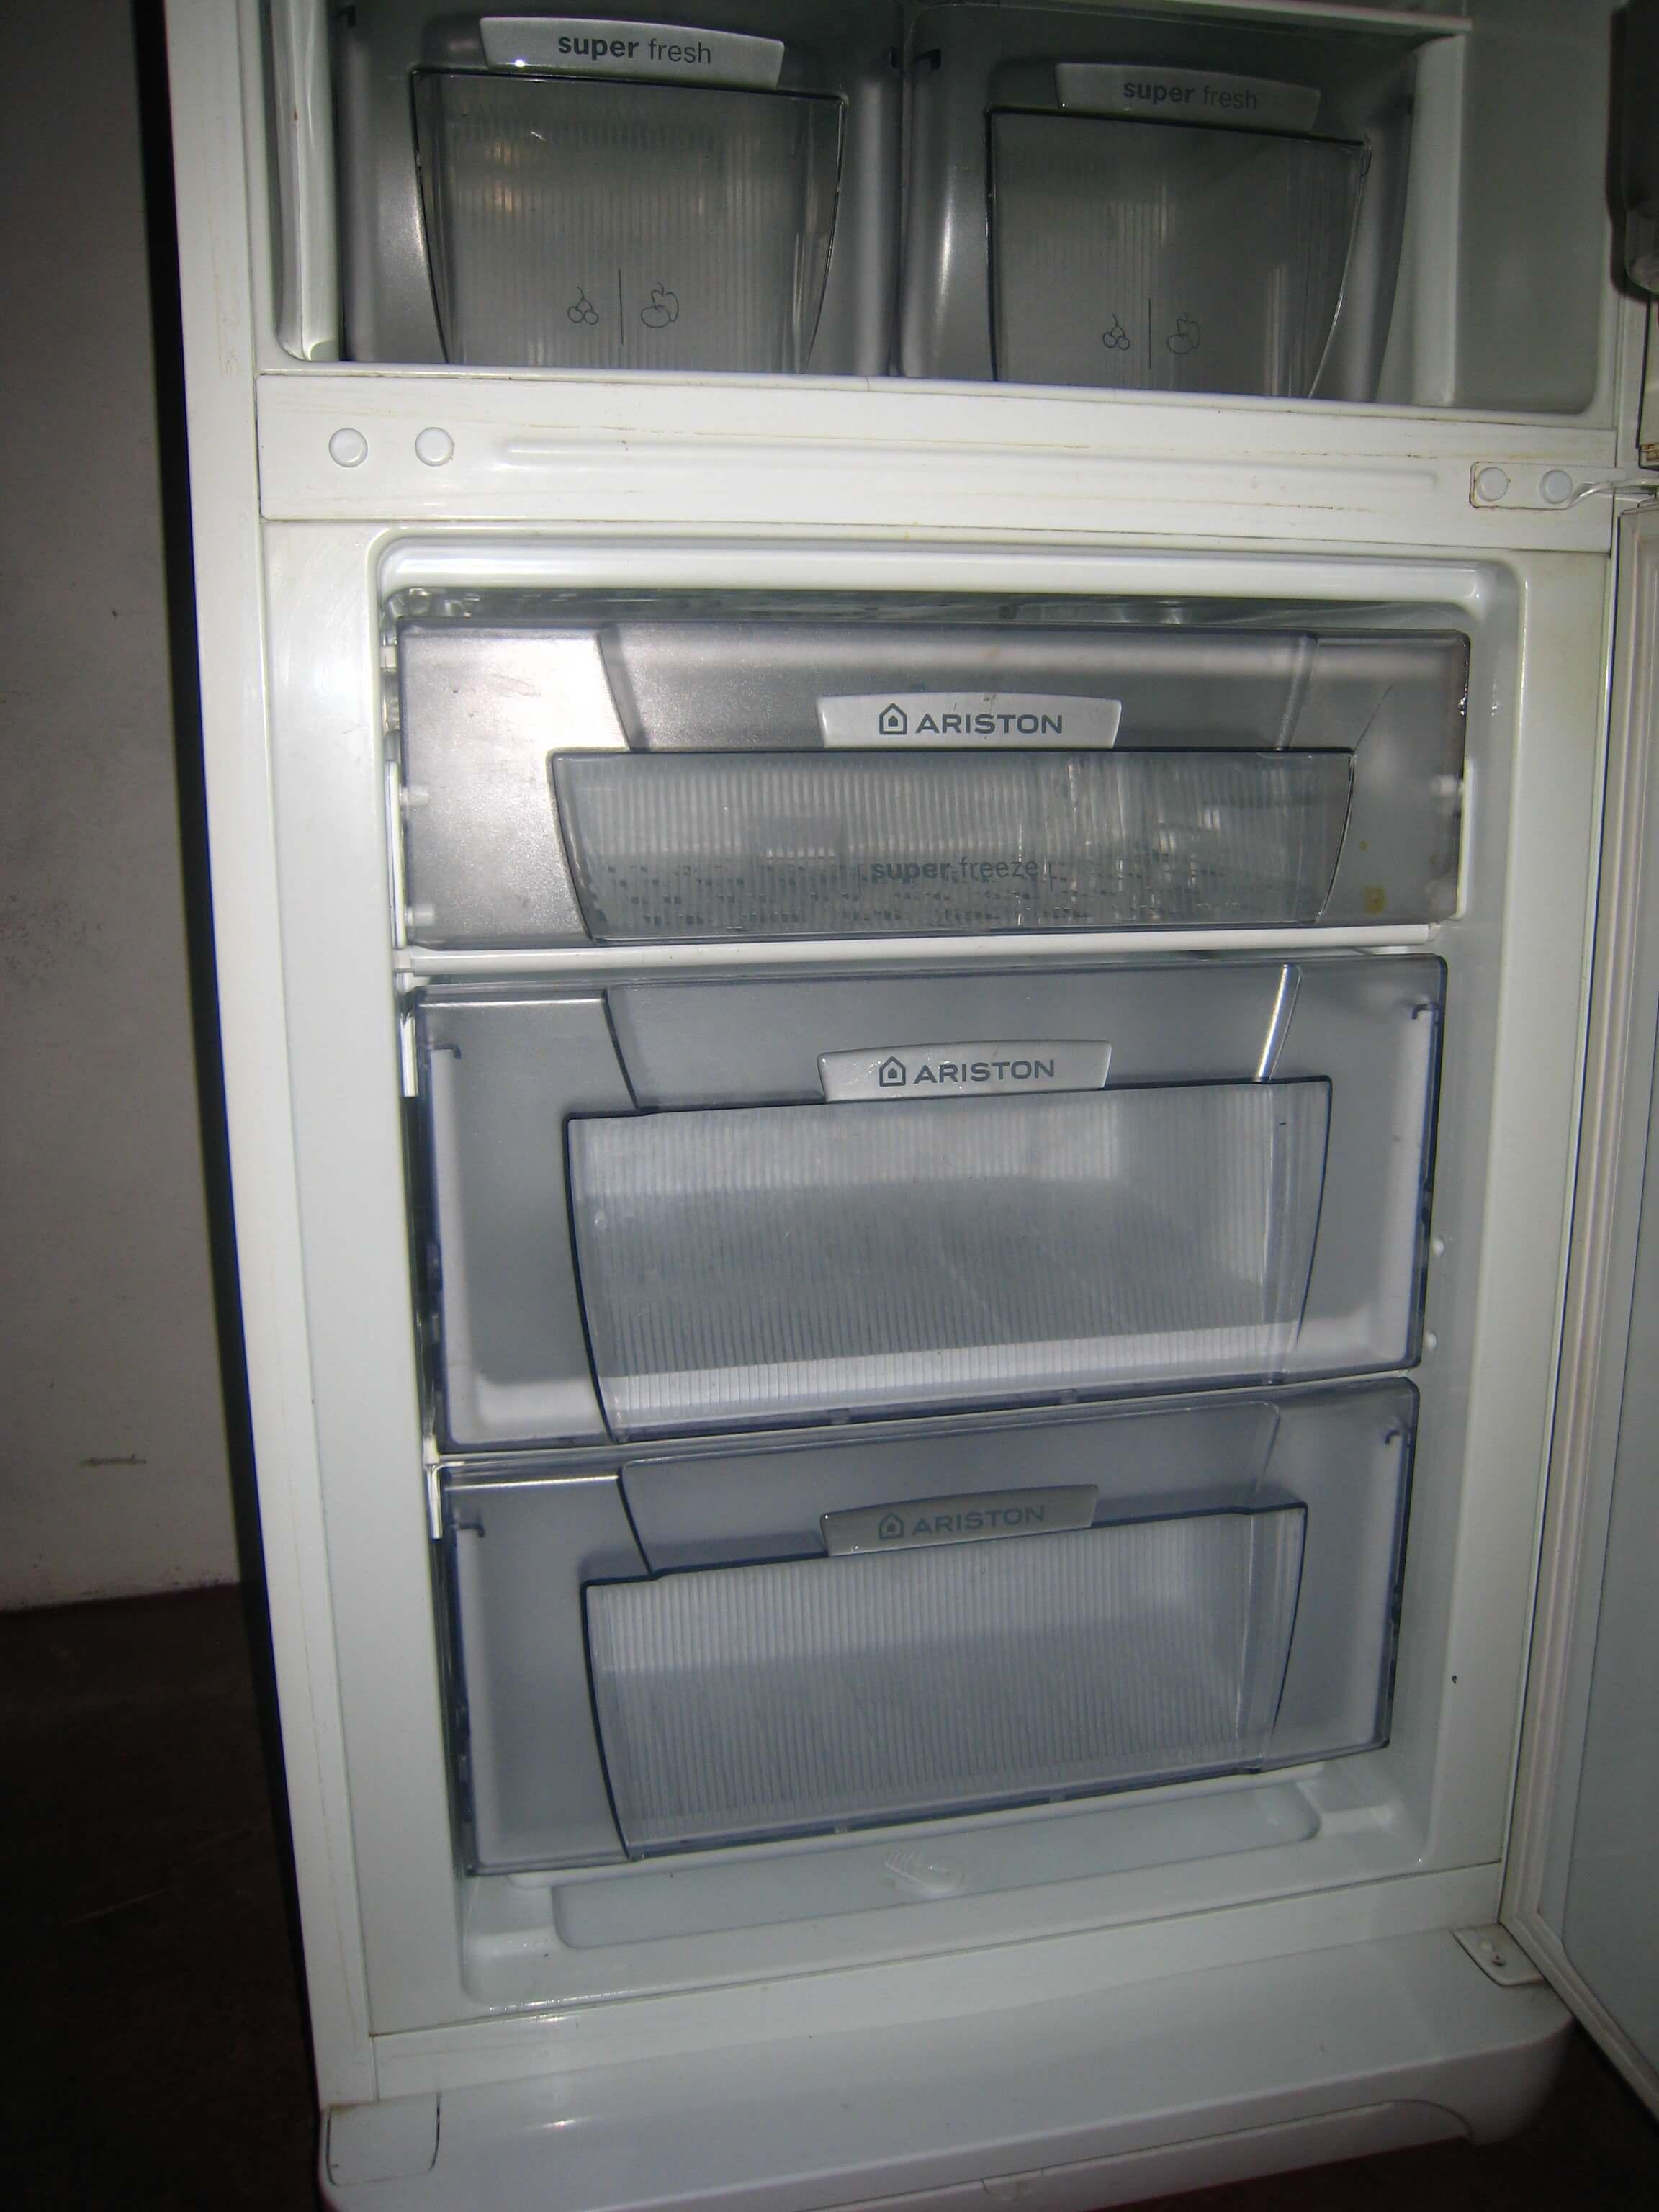 Холодильник выбивает пробки или автомат